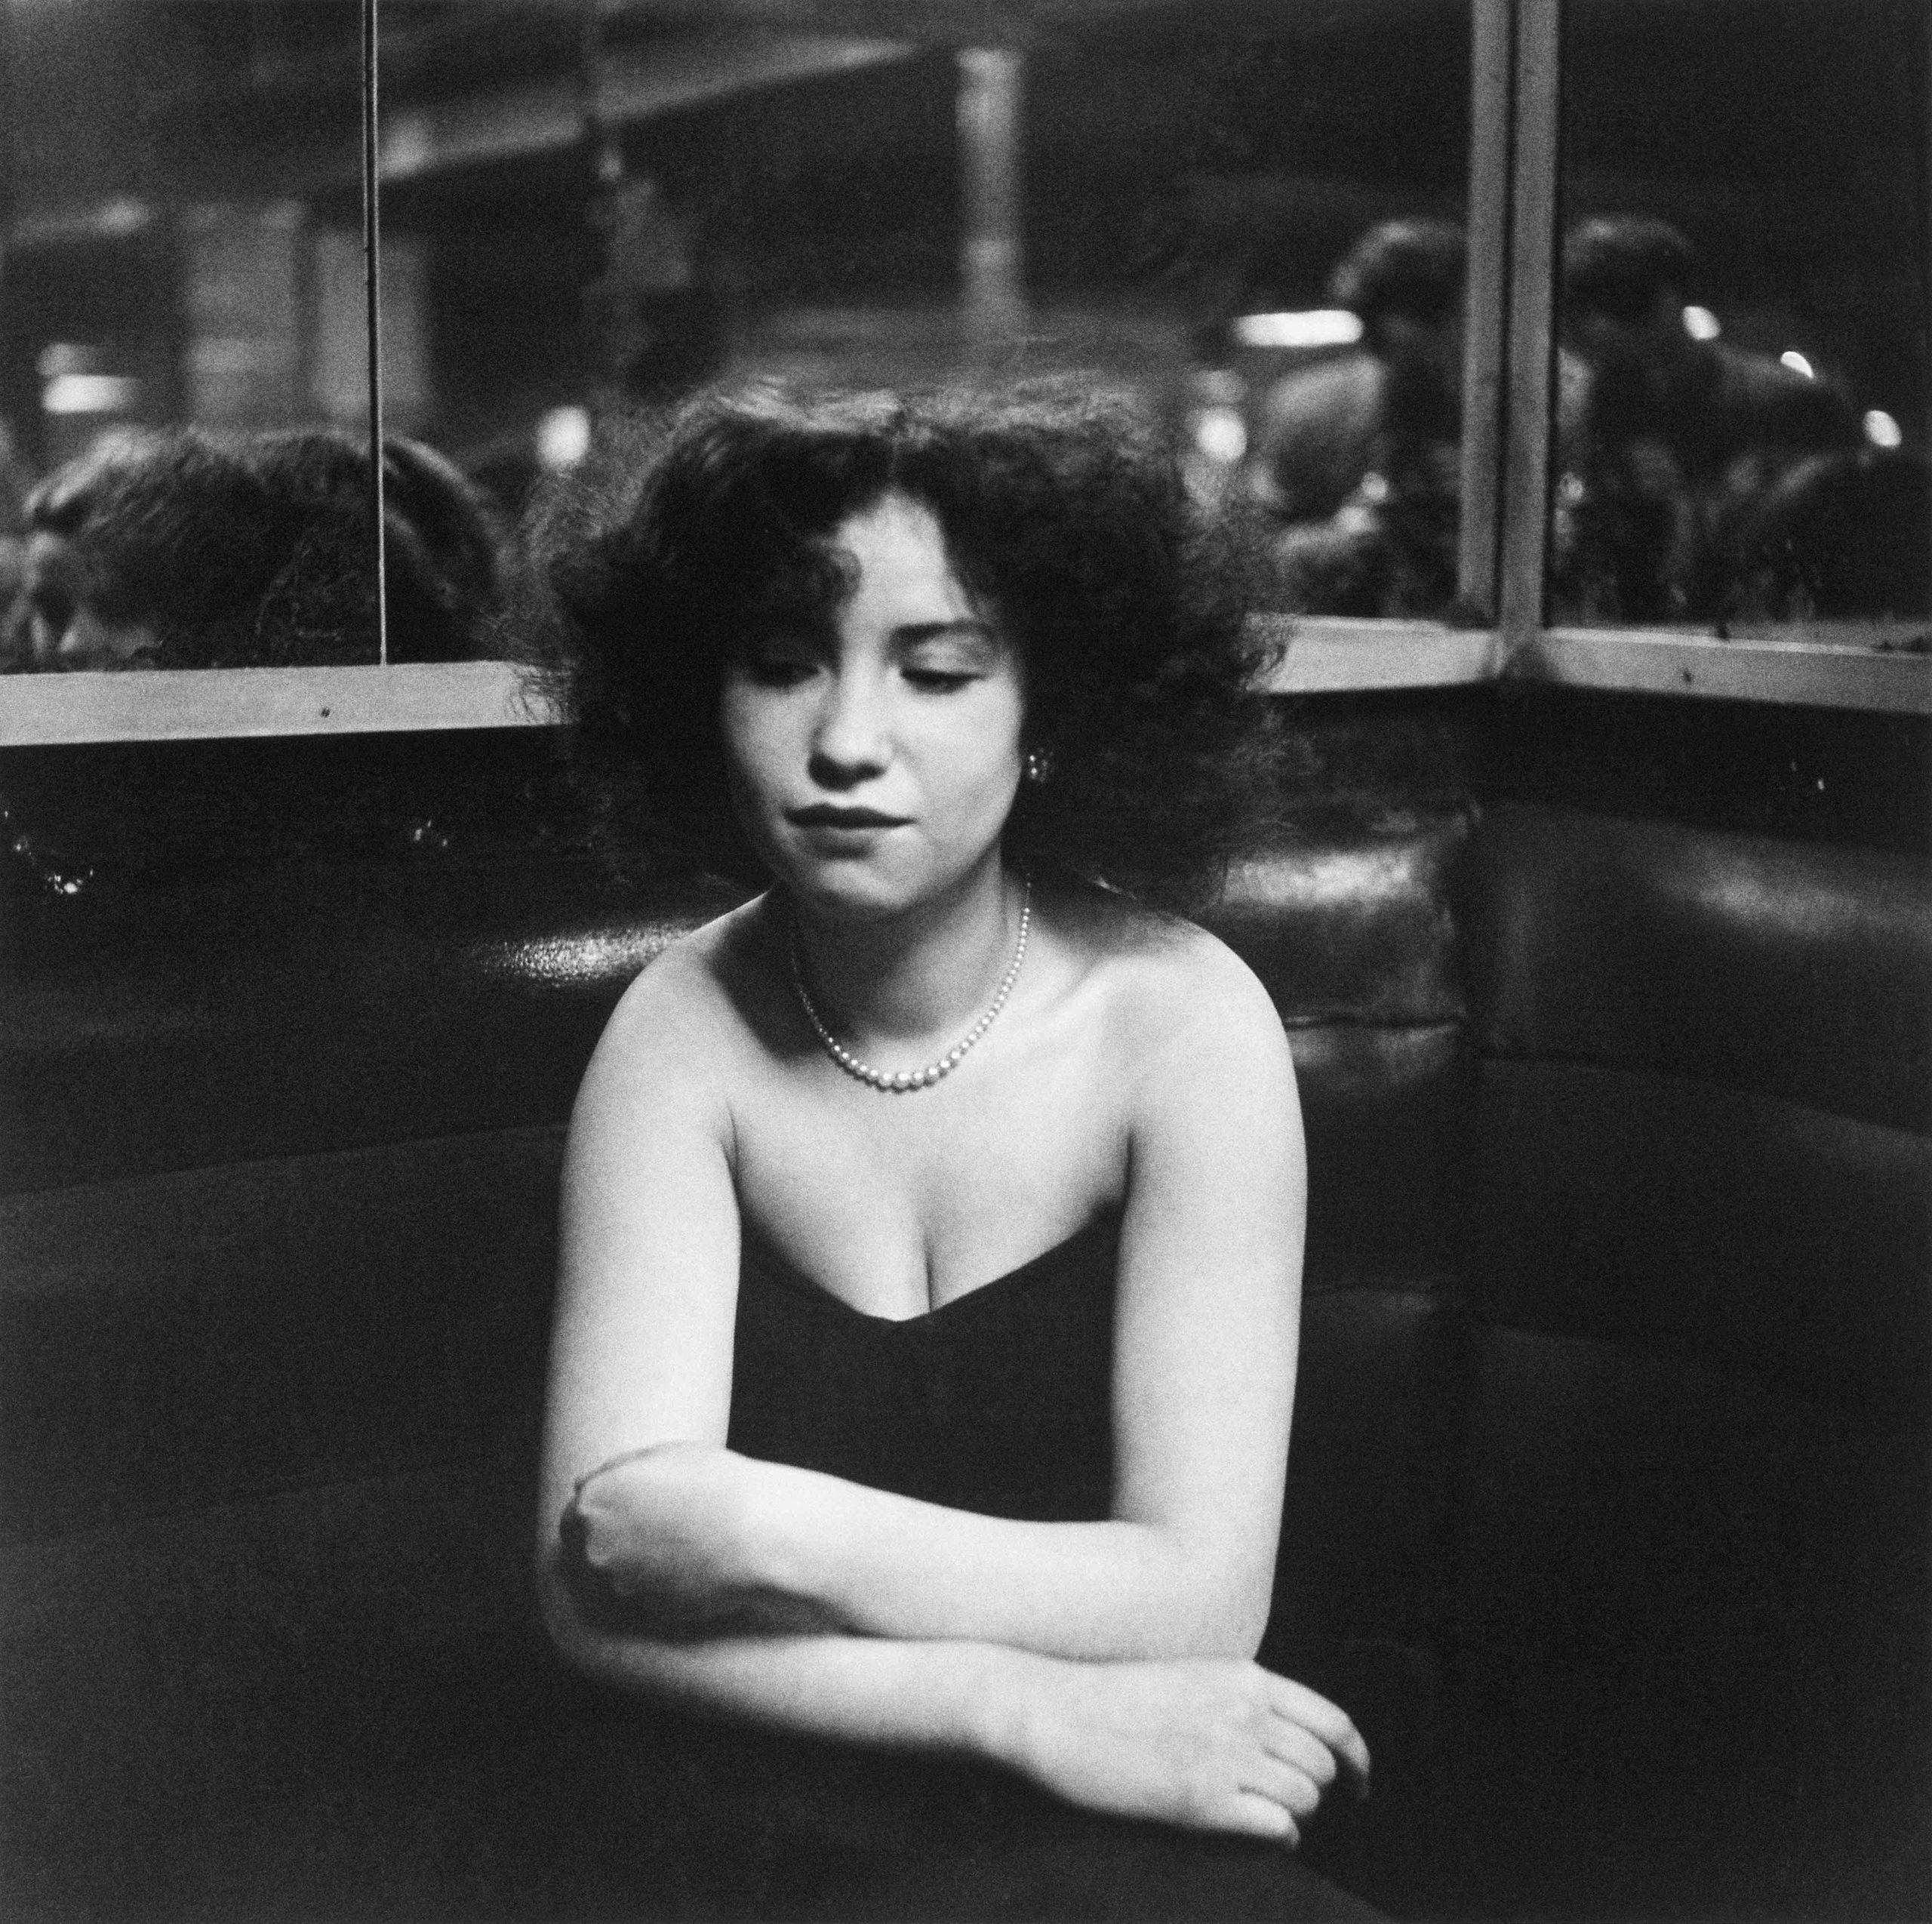 Mademoiselle Anita, cabaret « La Boule Rouge », rue de Lappe, Paris, 1950 © Robert Doisneau